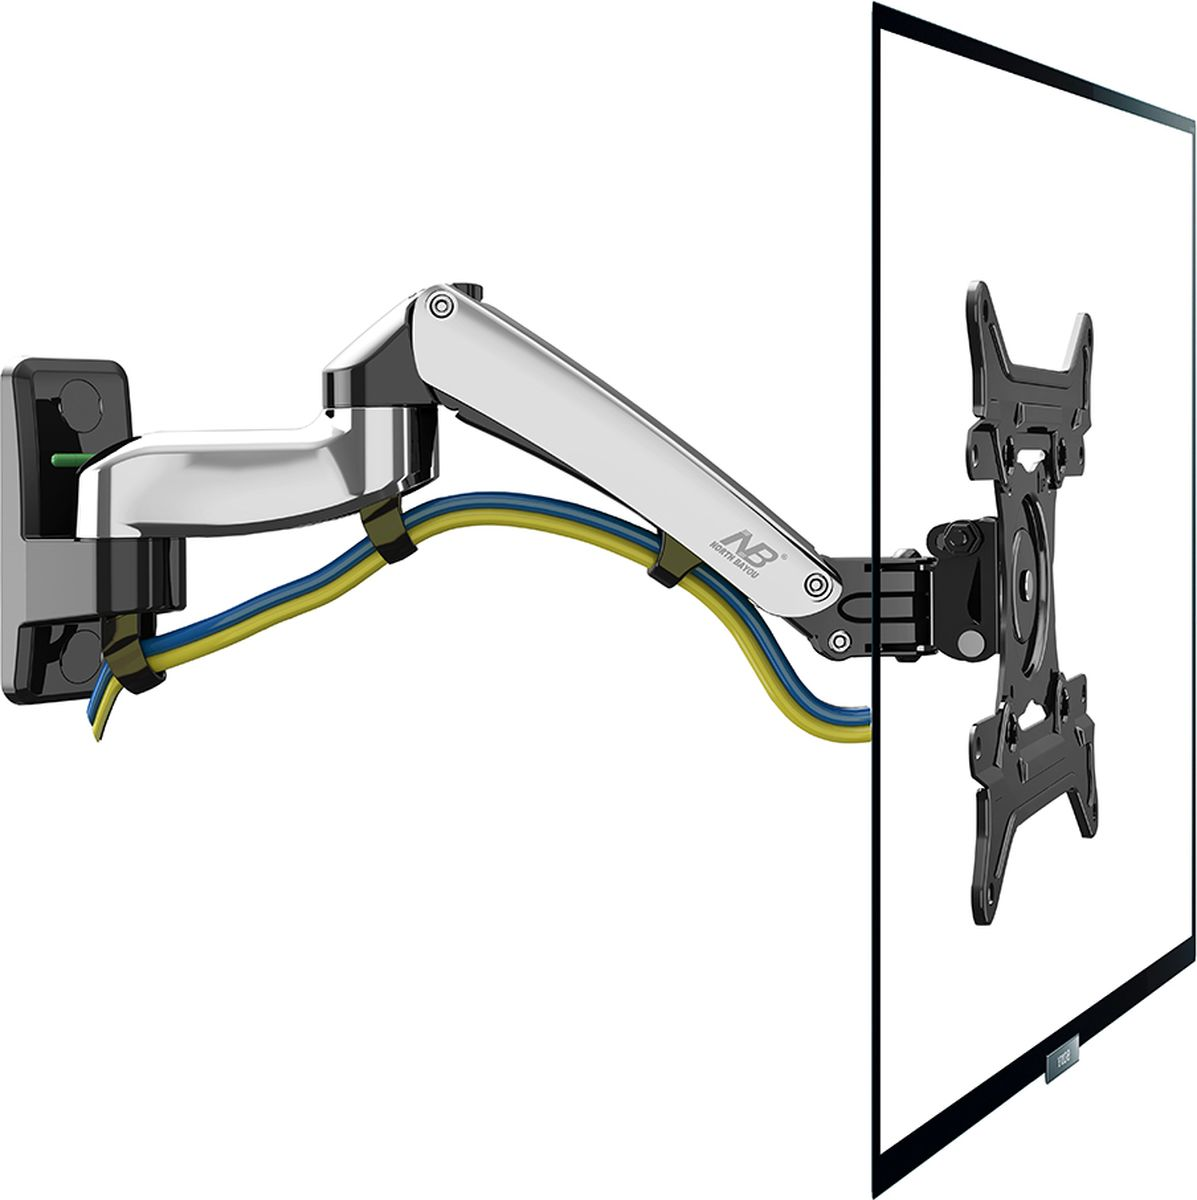 North Bayou NB F300, Chrome кронштейнхромированныйНастенный наклонно-поворотный кронштейн с регулировкой по высоте North Bayou NB F300 подходит для телевизоров с диагональю 30-40 и с весом от 5 до 10 кг. Благодаря встроенной газовой пружине вы можете с лёгкостью перемещать телевизор не только влево и вправо, но и вверх и вниз, при этом не прилагая усилий и не производя дополнительной фиксации. Именно технологии надёжных осевых соединений с газовой пружиной позволят вам отрегулировать положение телевизора для самого комфортного просмотра.